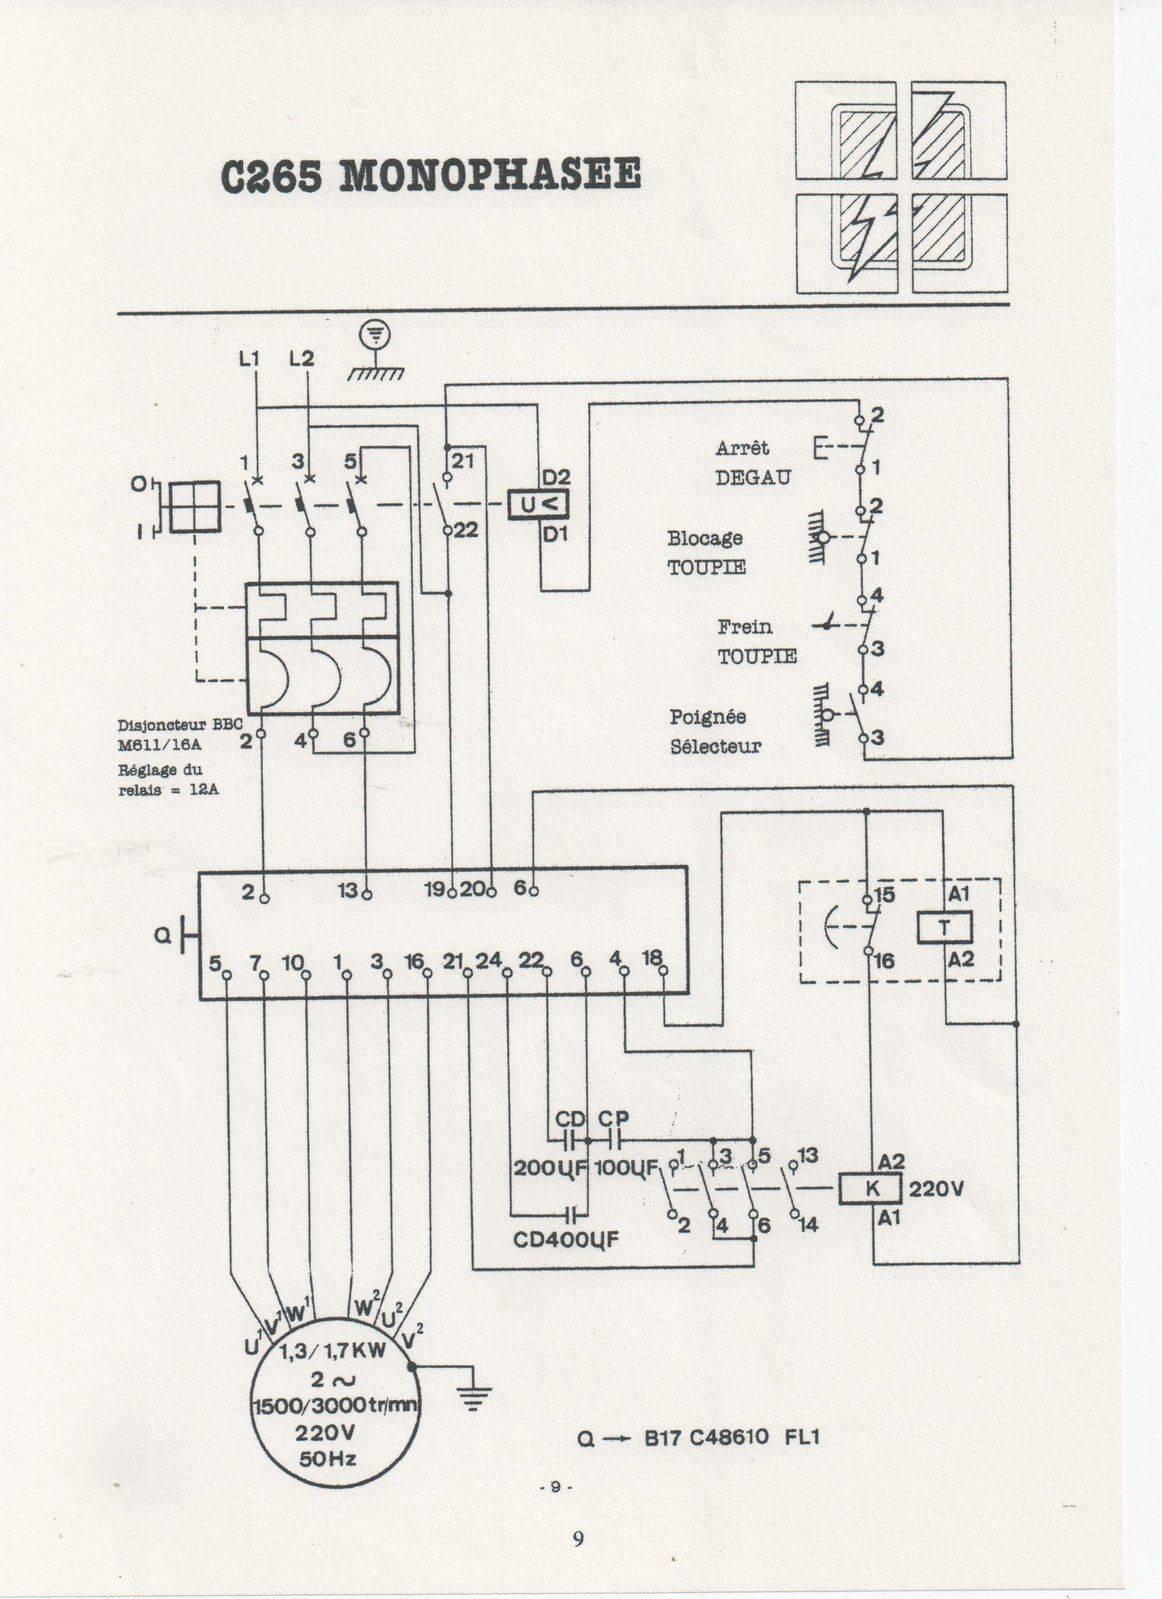 SCHEMA  ELECTRIQUE C265 MONOPHASEE.JPG